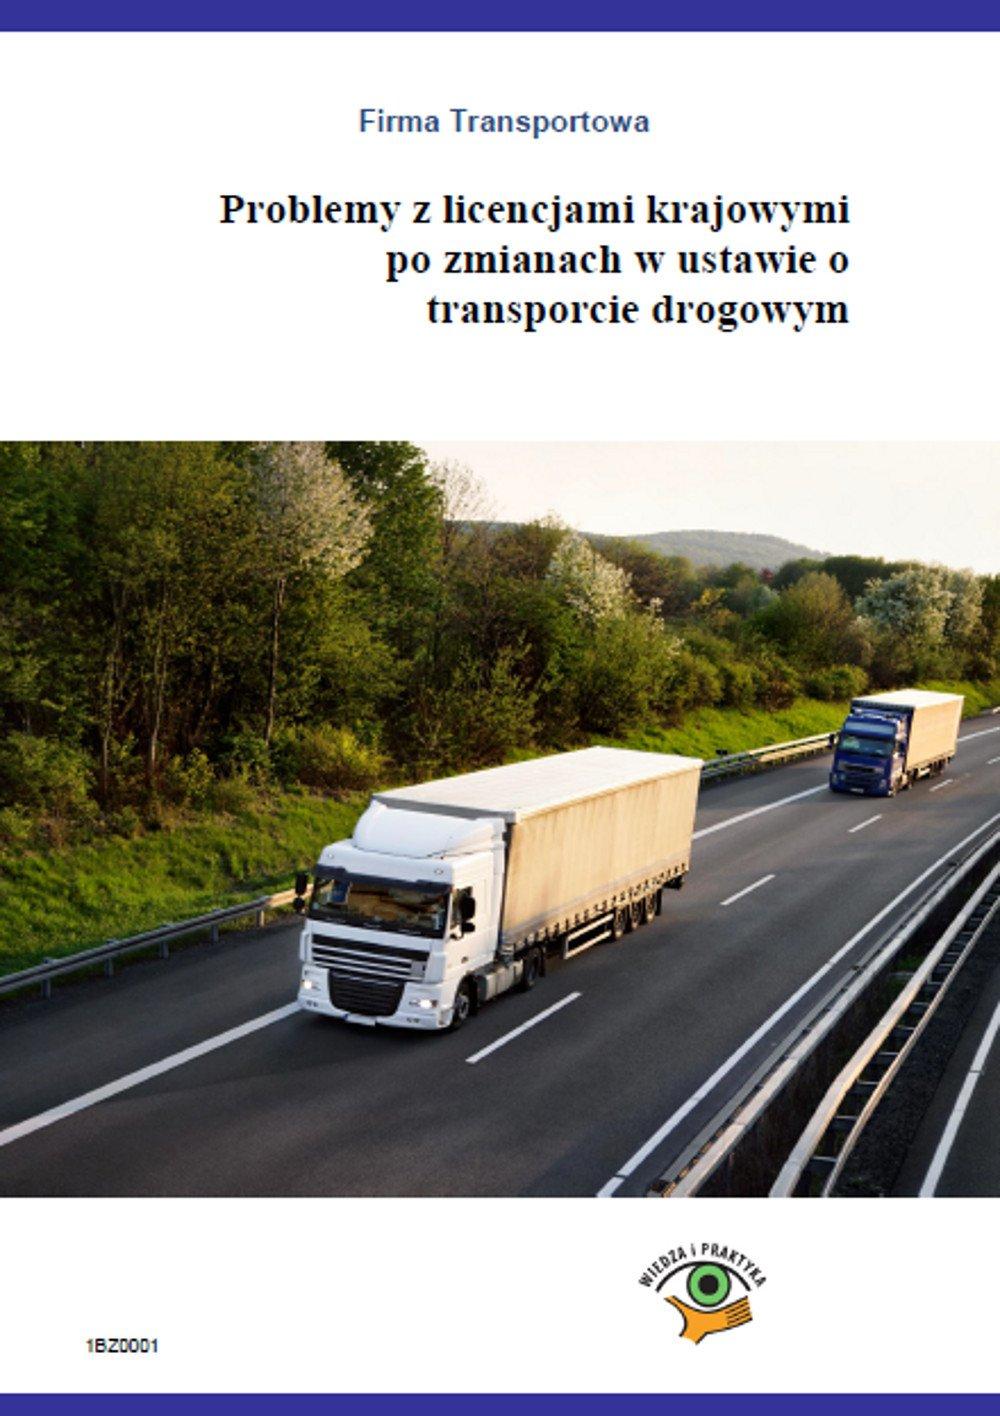 Problemy z licencjami krajowymi po zmianach w ustawie o transporcie drogowym - Ebook (Książka PDF) do pobrania w formacie PDF